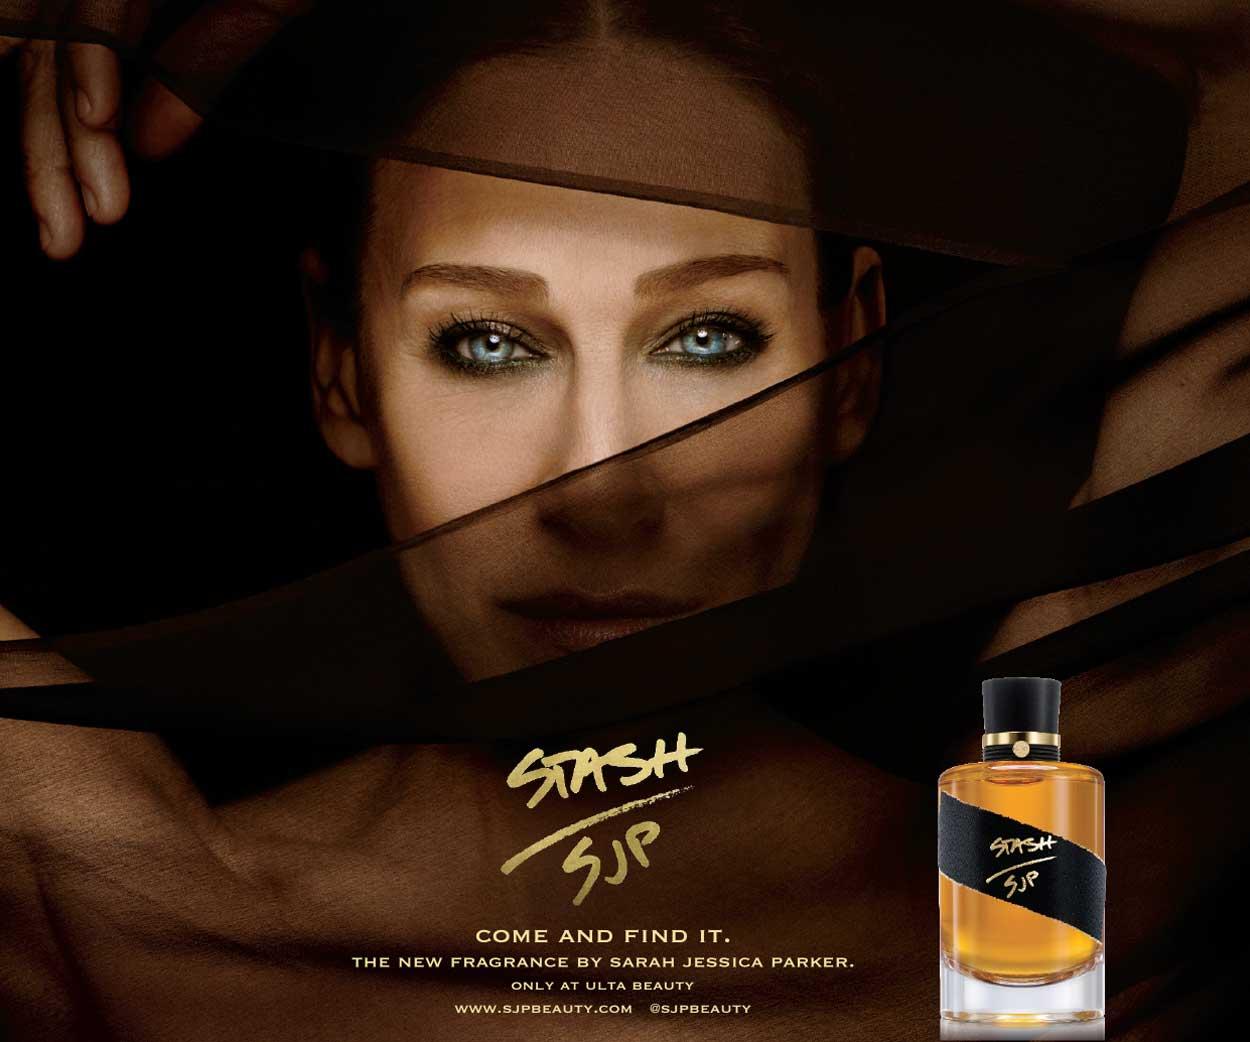 Stash SJP Sarah Jessica Parker perfume